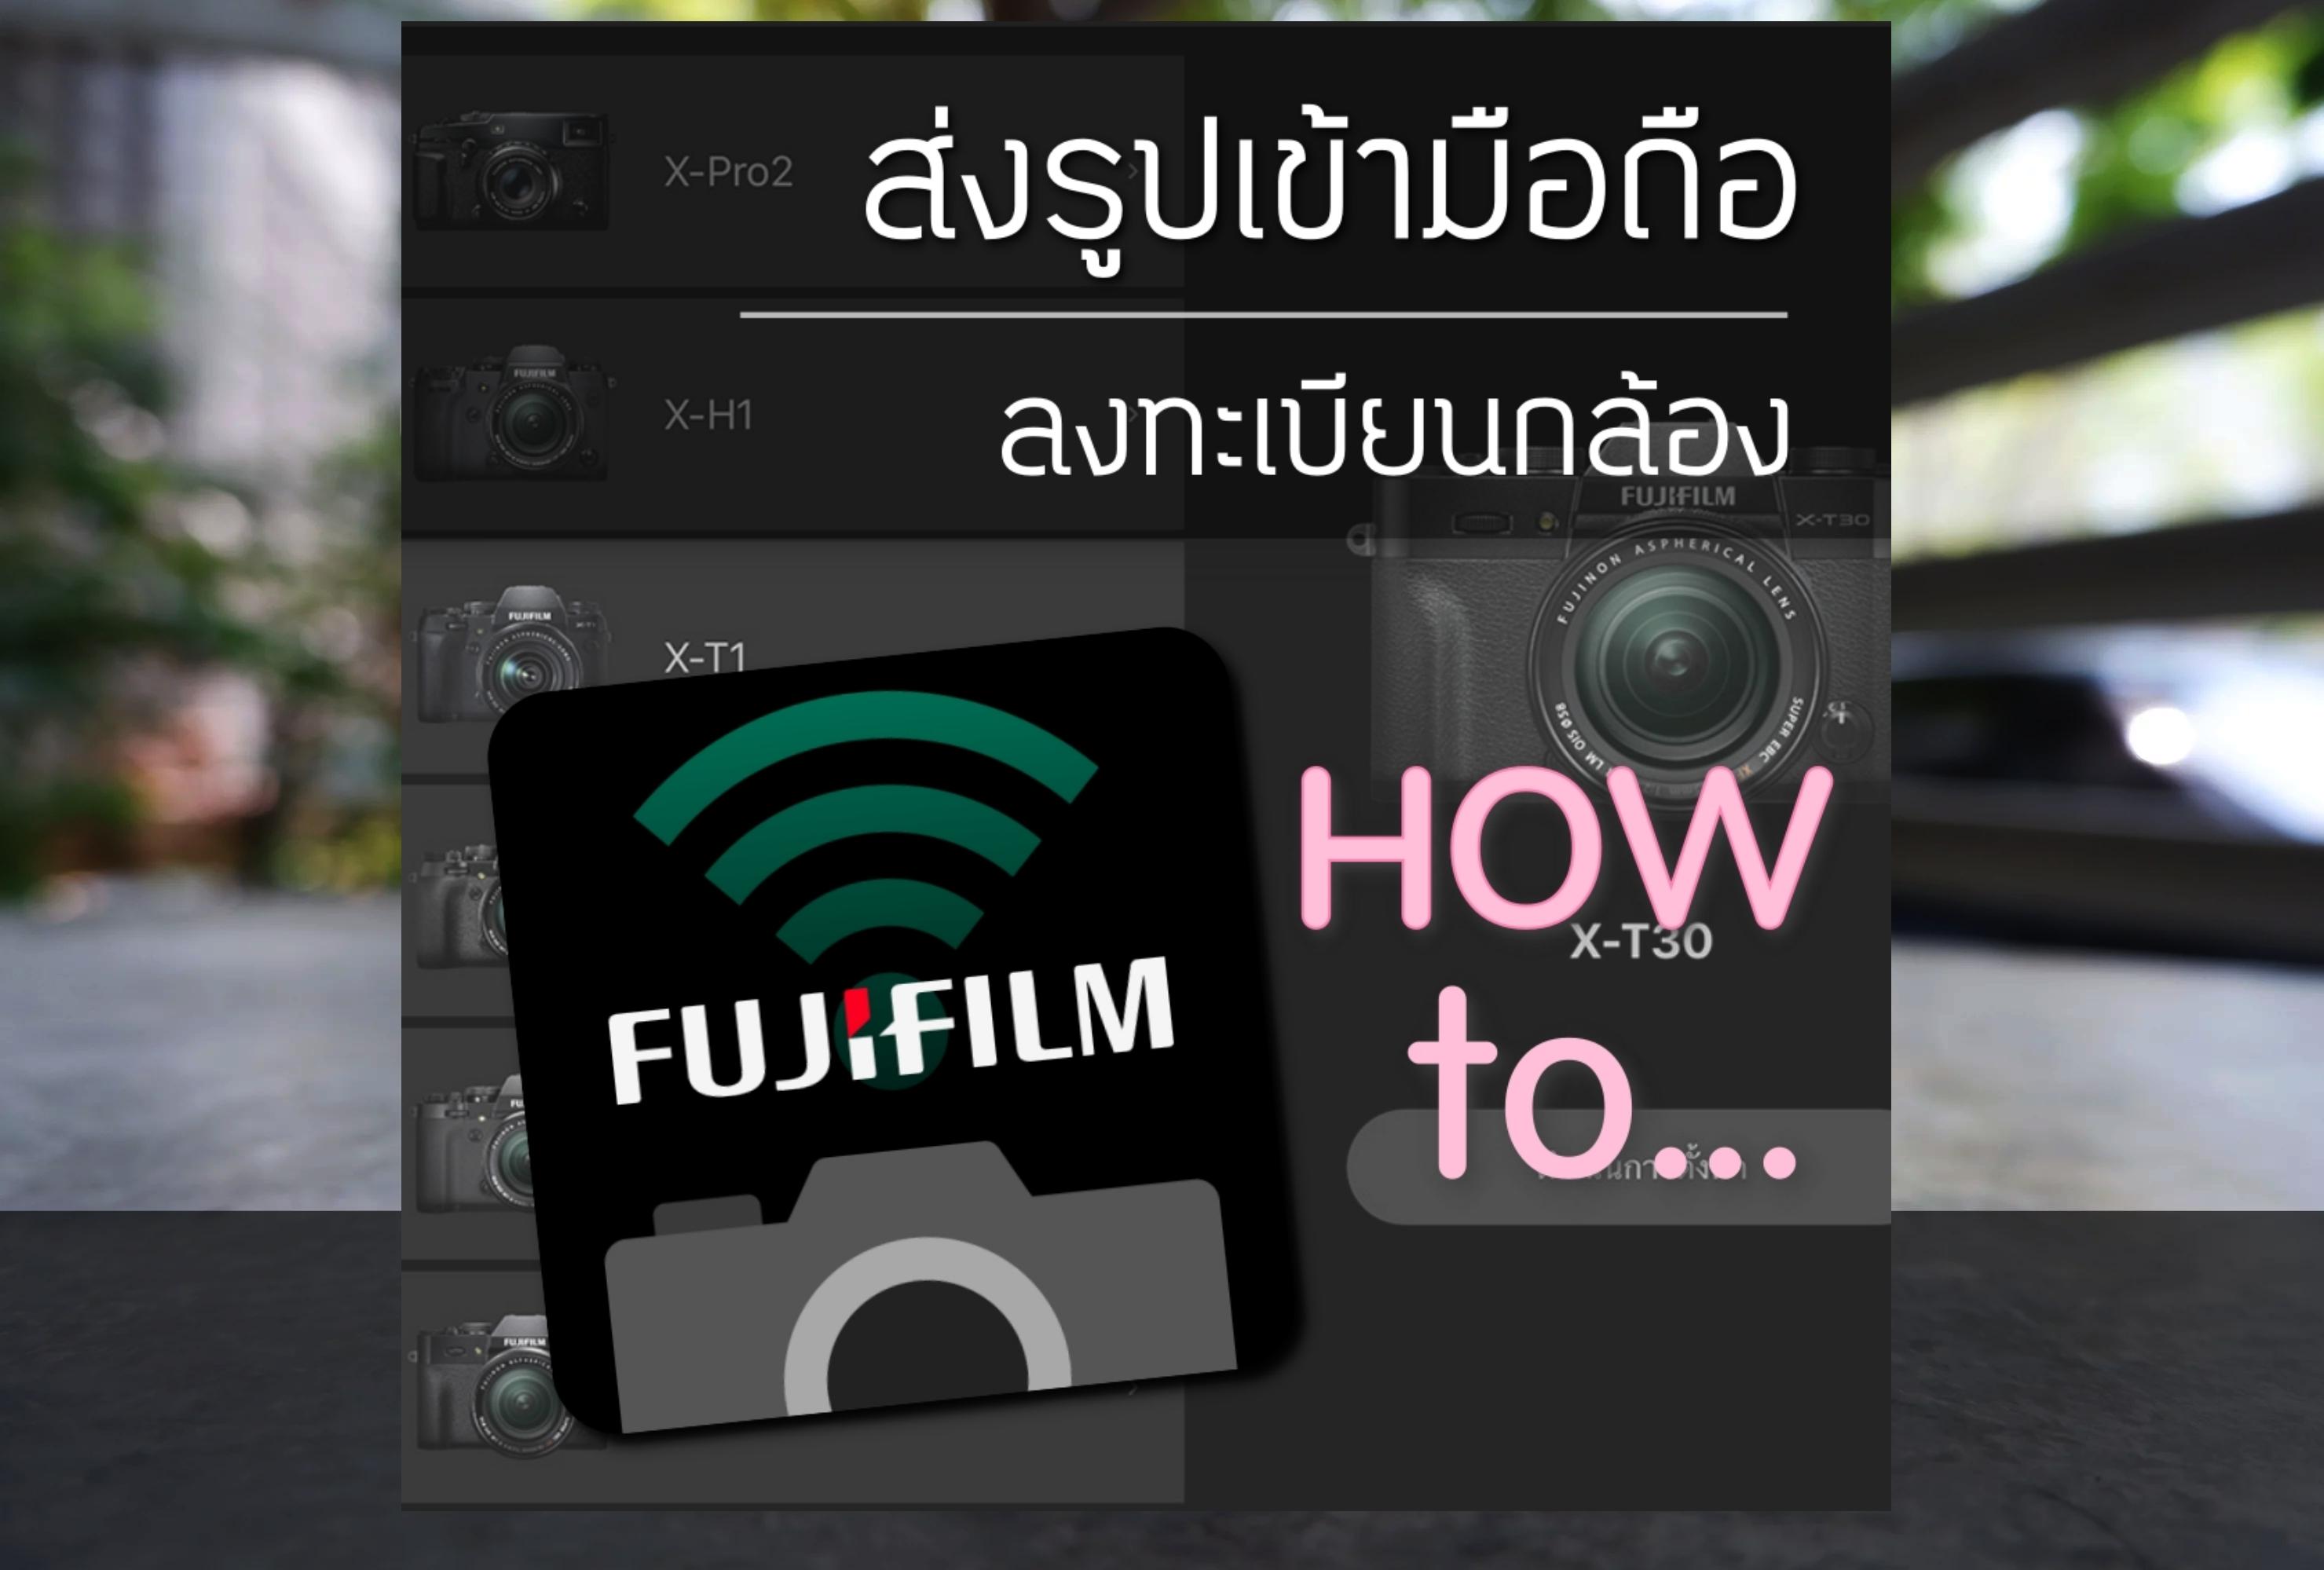 วิธีส่งภาพเข้ามือถือ ลงทะเบียนกล้อง FUJIFILM X-Series